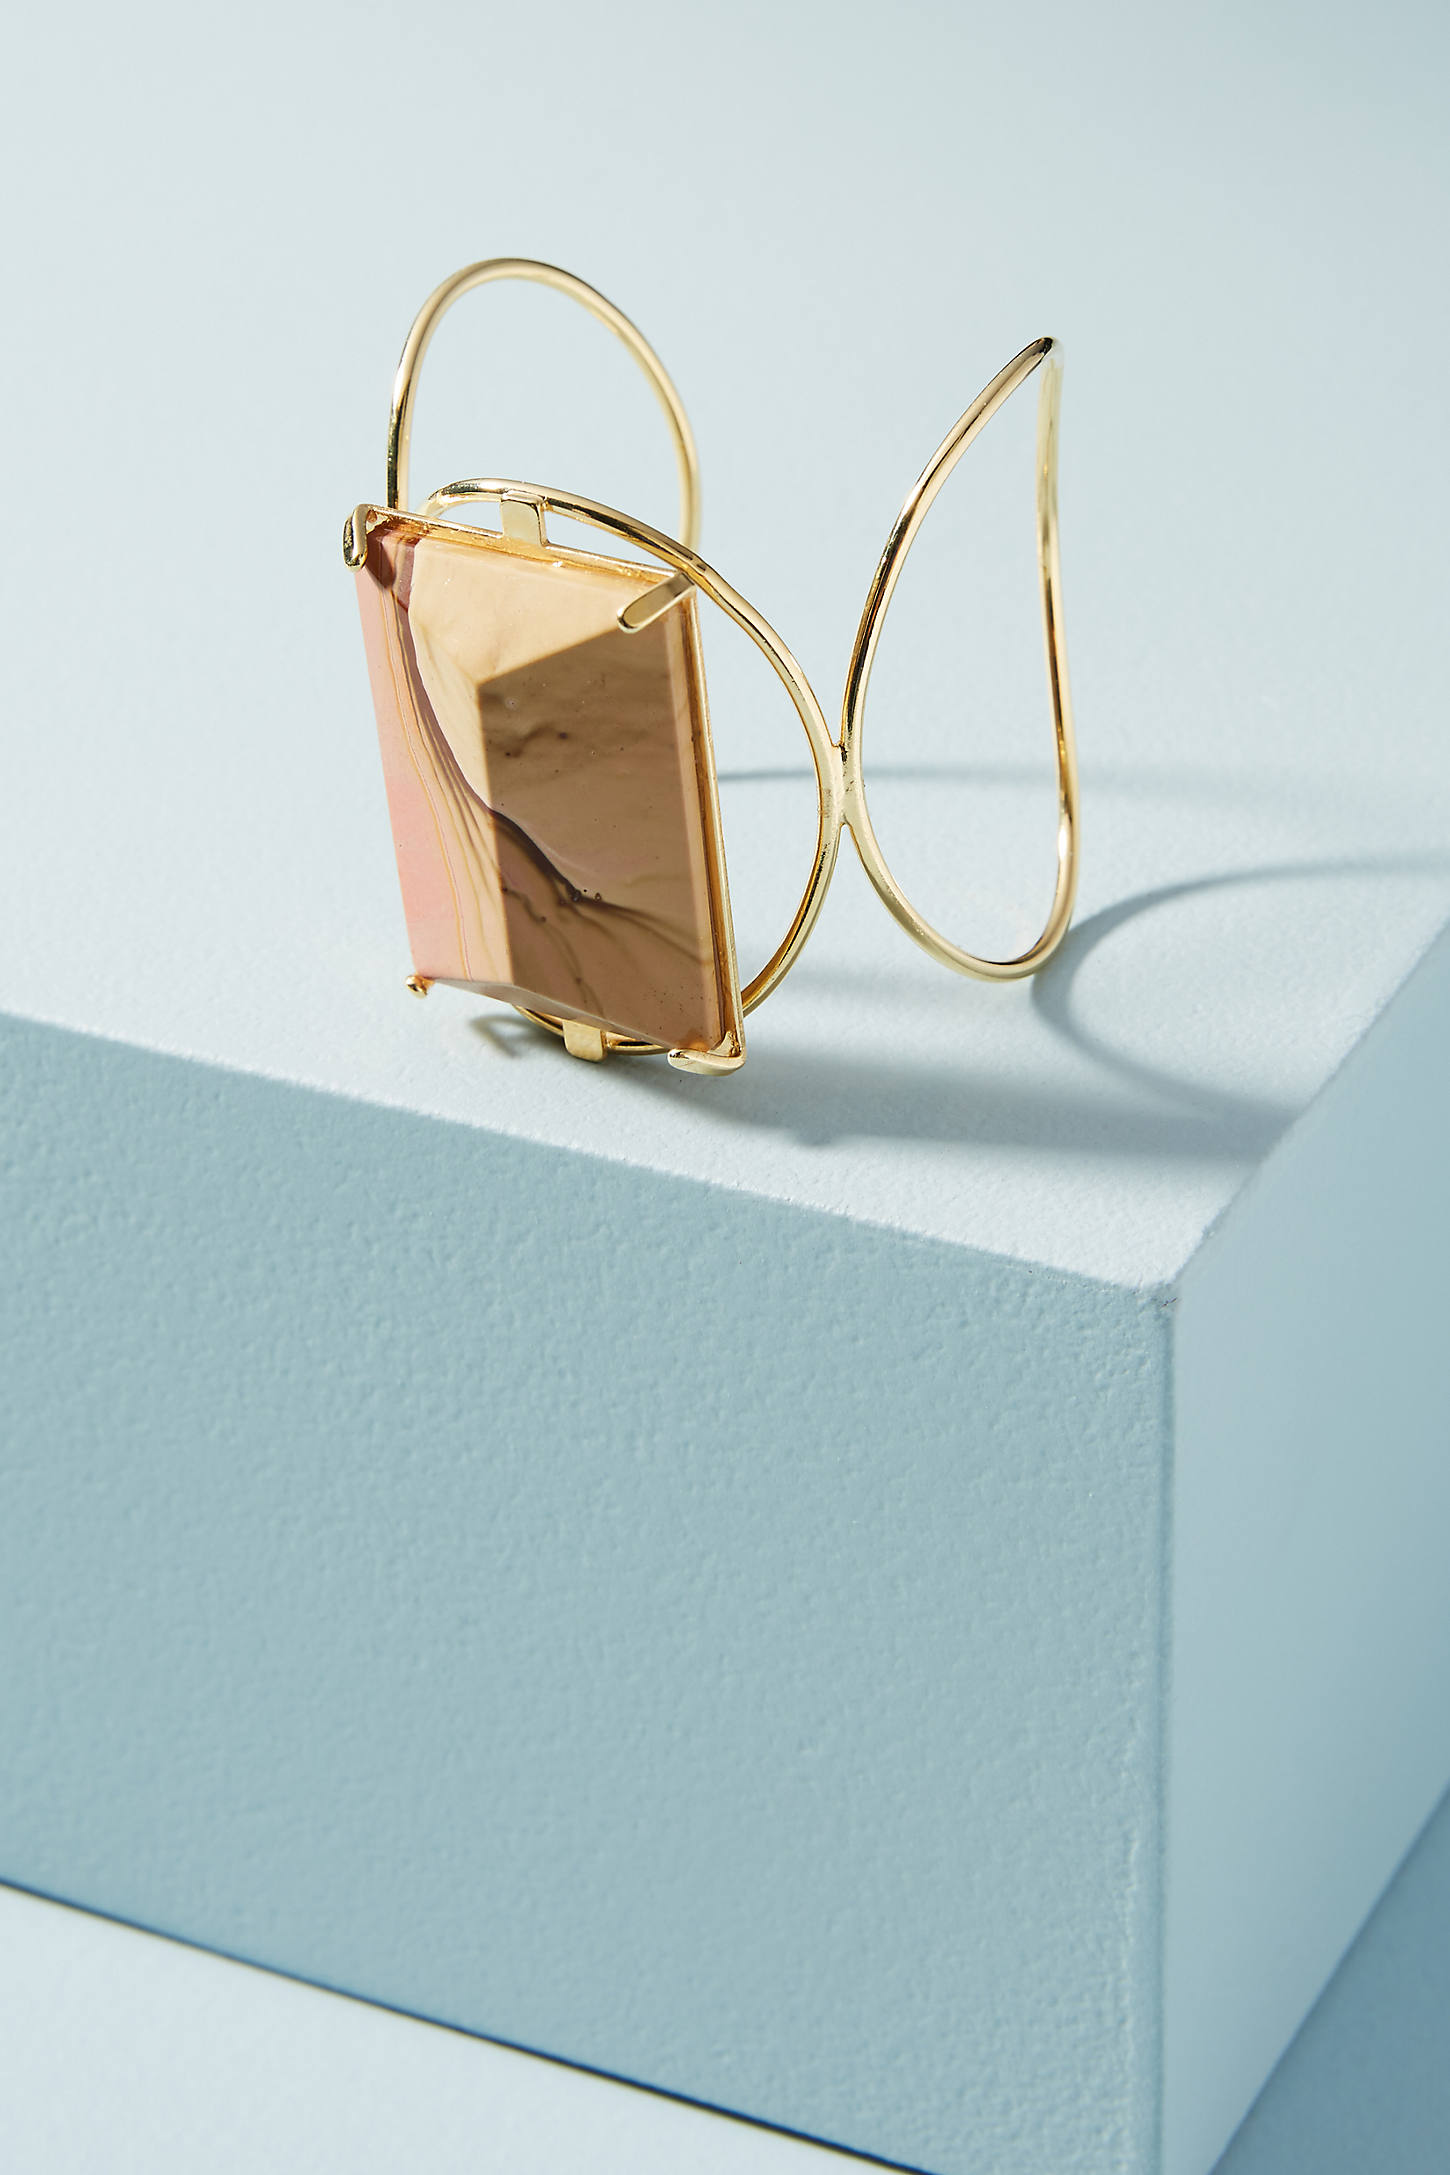 Agate Wired Cuff Bracelet